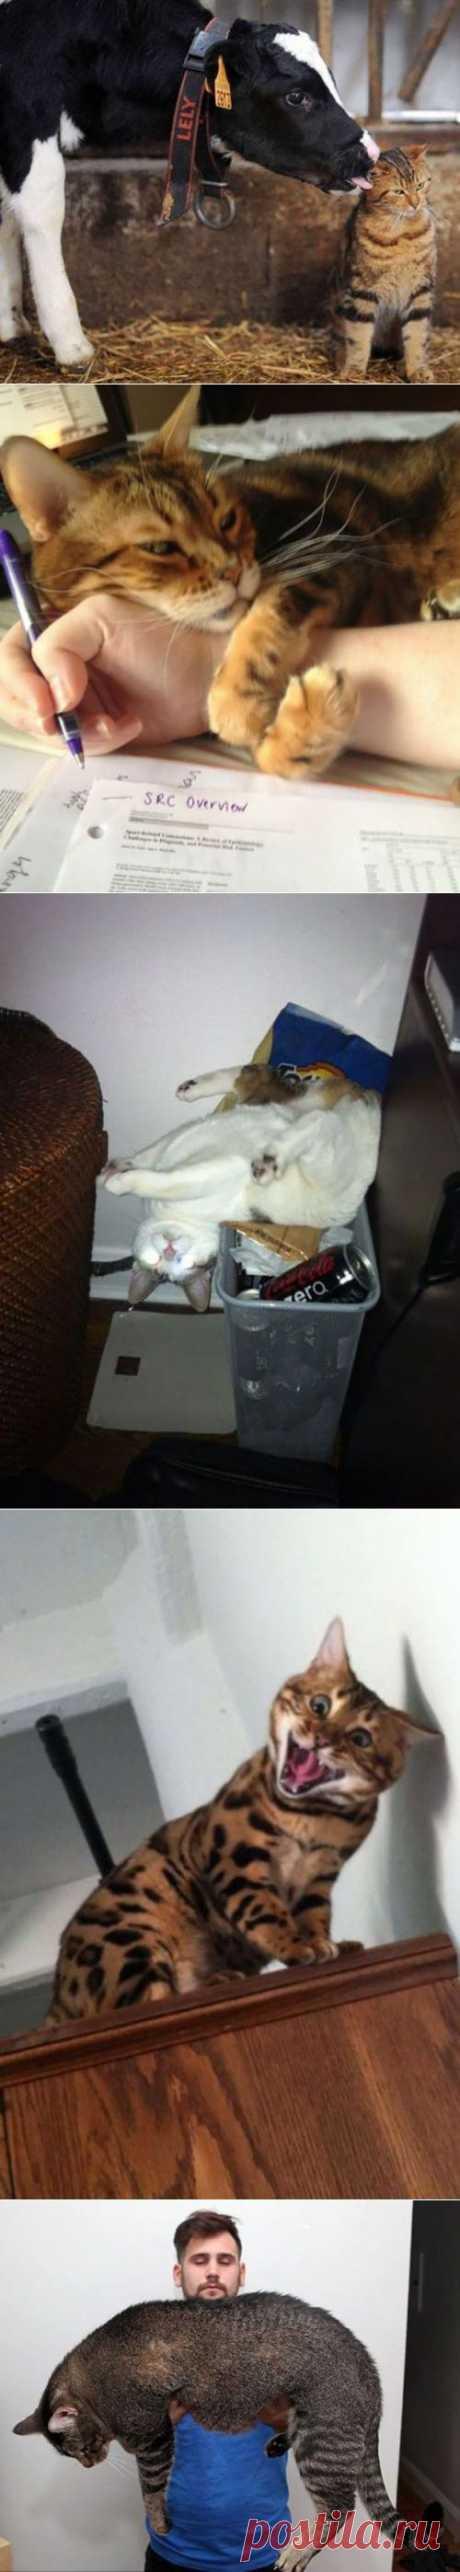 Коты и кошки | Позитив в картинках и не только